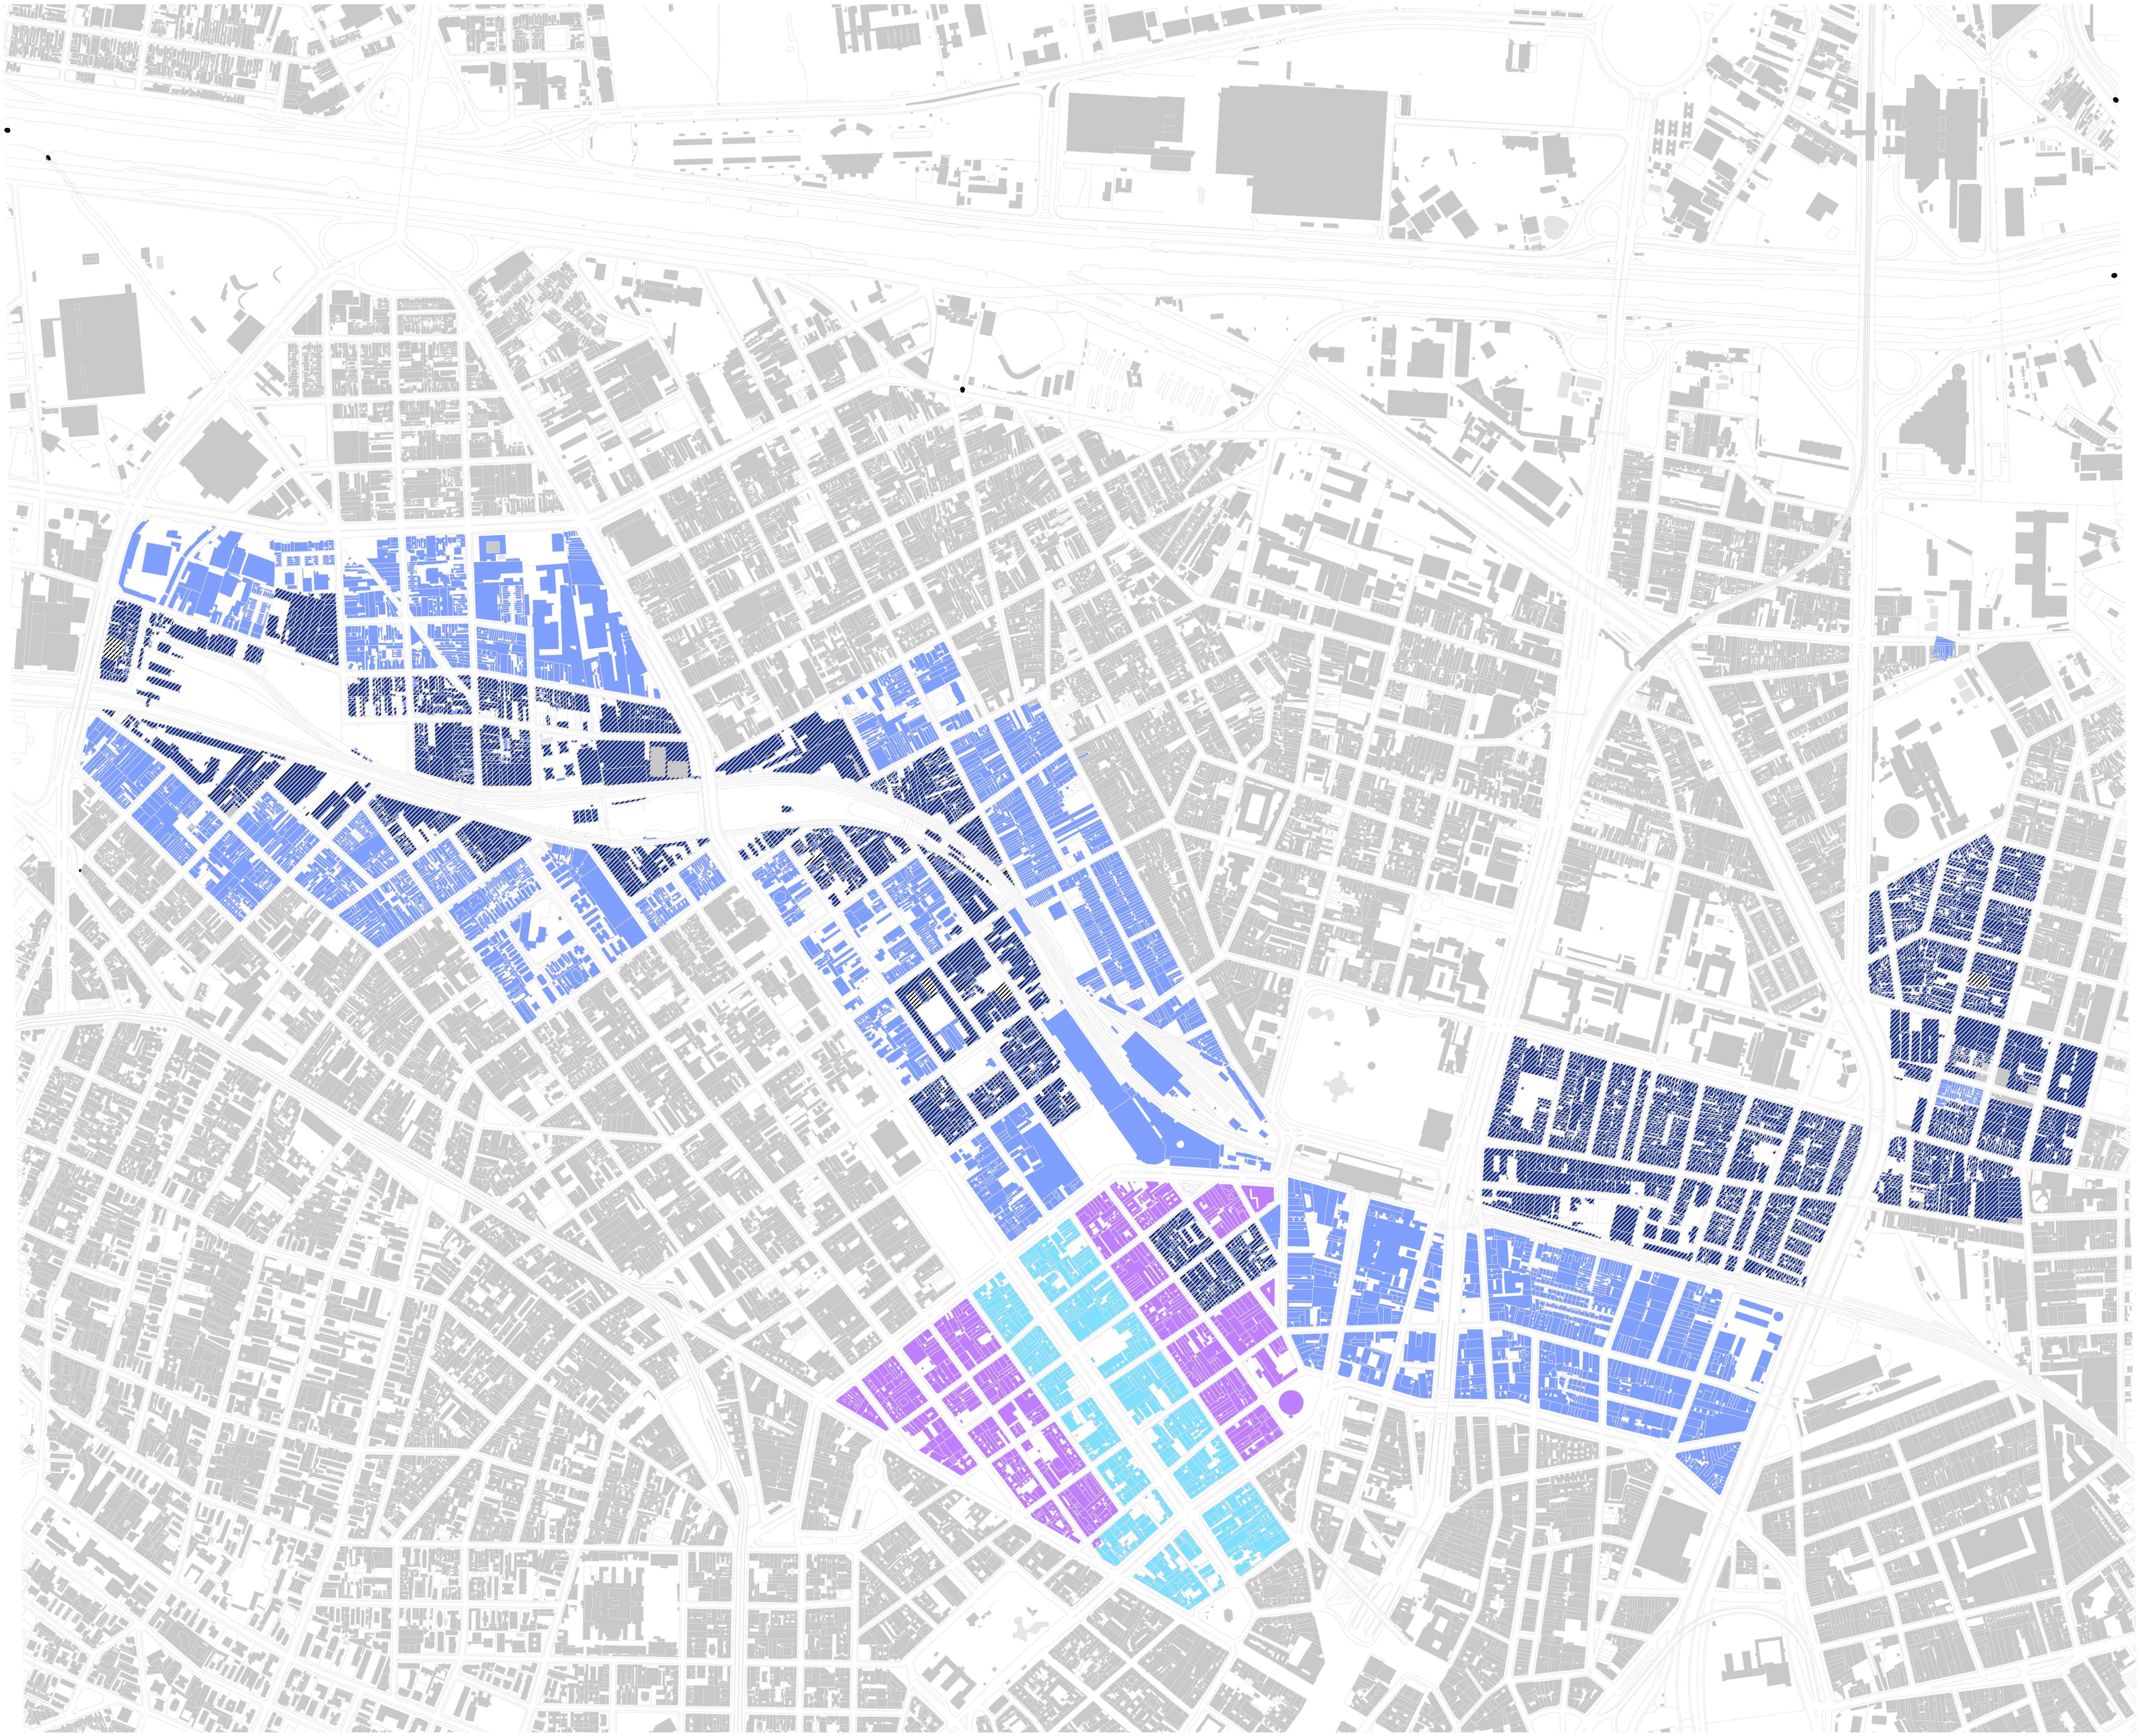 Planos século XXI - Os três planos objeto de análise: Concessão Urbanística Nova Luz, 2012 (roxo); PPP Casa Paulista, 2014 (azul escuro); PIU/MP700, 2016 (azul claro). A hachura em preto sobre as cores é a delimitação das áreas de Zeis. Escala: 1/20.000** – Elaboração do autor sobre base do MDC, Mapa Digital da Cidade de São Paulo. Fonte: Cf. PETRELLA, 2017.